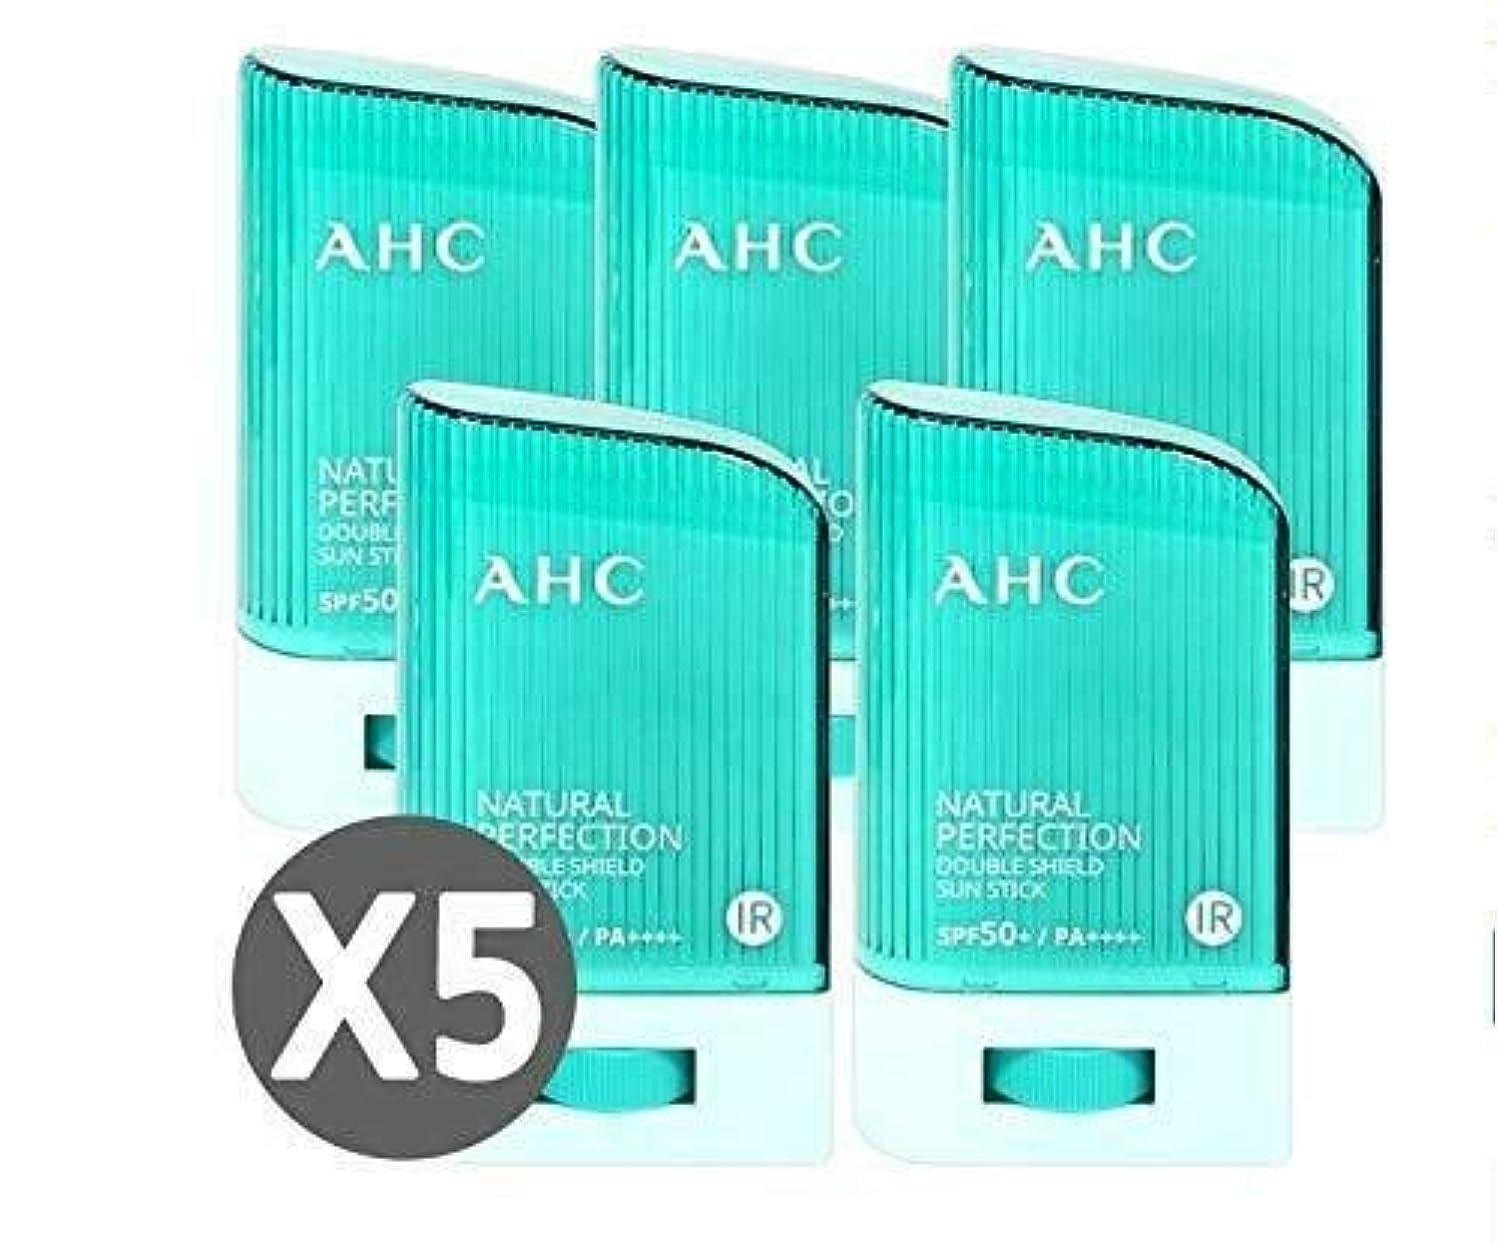 修正するグリーンランド固執[ 5個セット ] AHC ナチュラルパーフェクションダブルシールドサンスティック 22g, Natural Perfection Double Shield Sun Stick SPF50+ PA++++